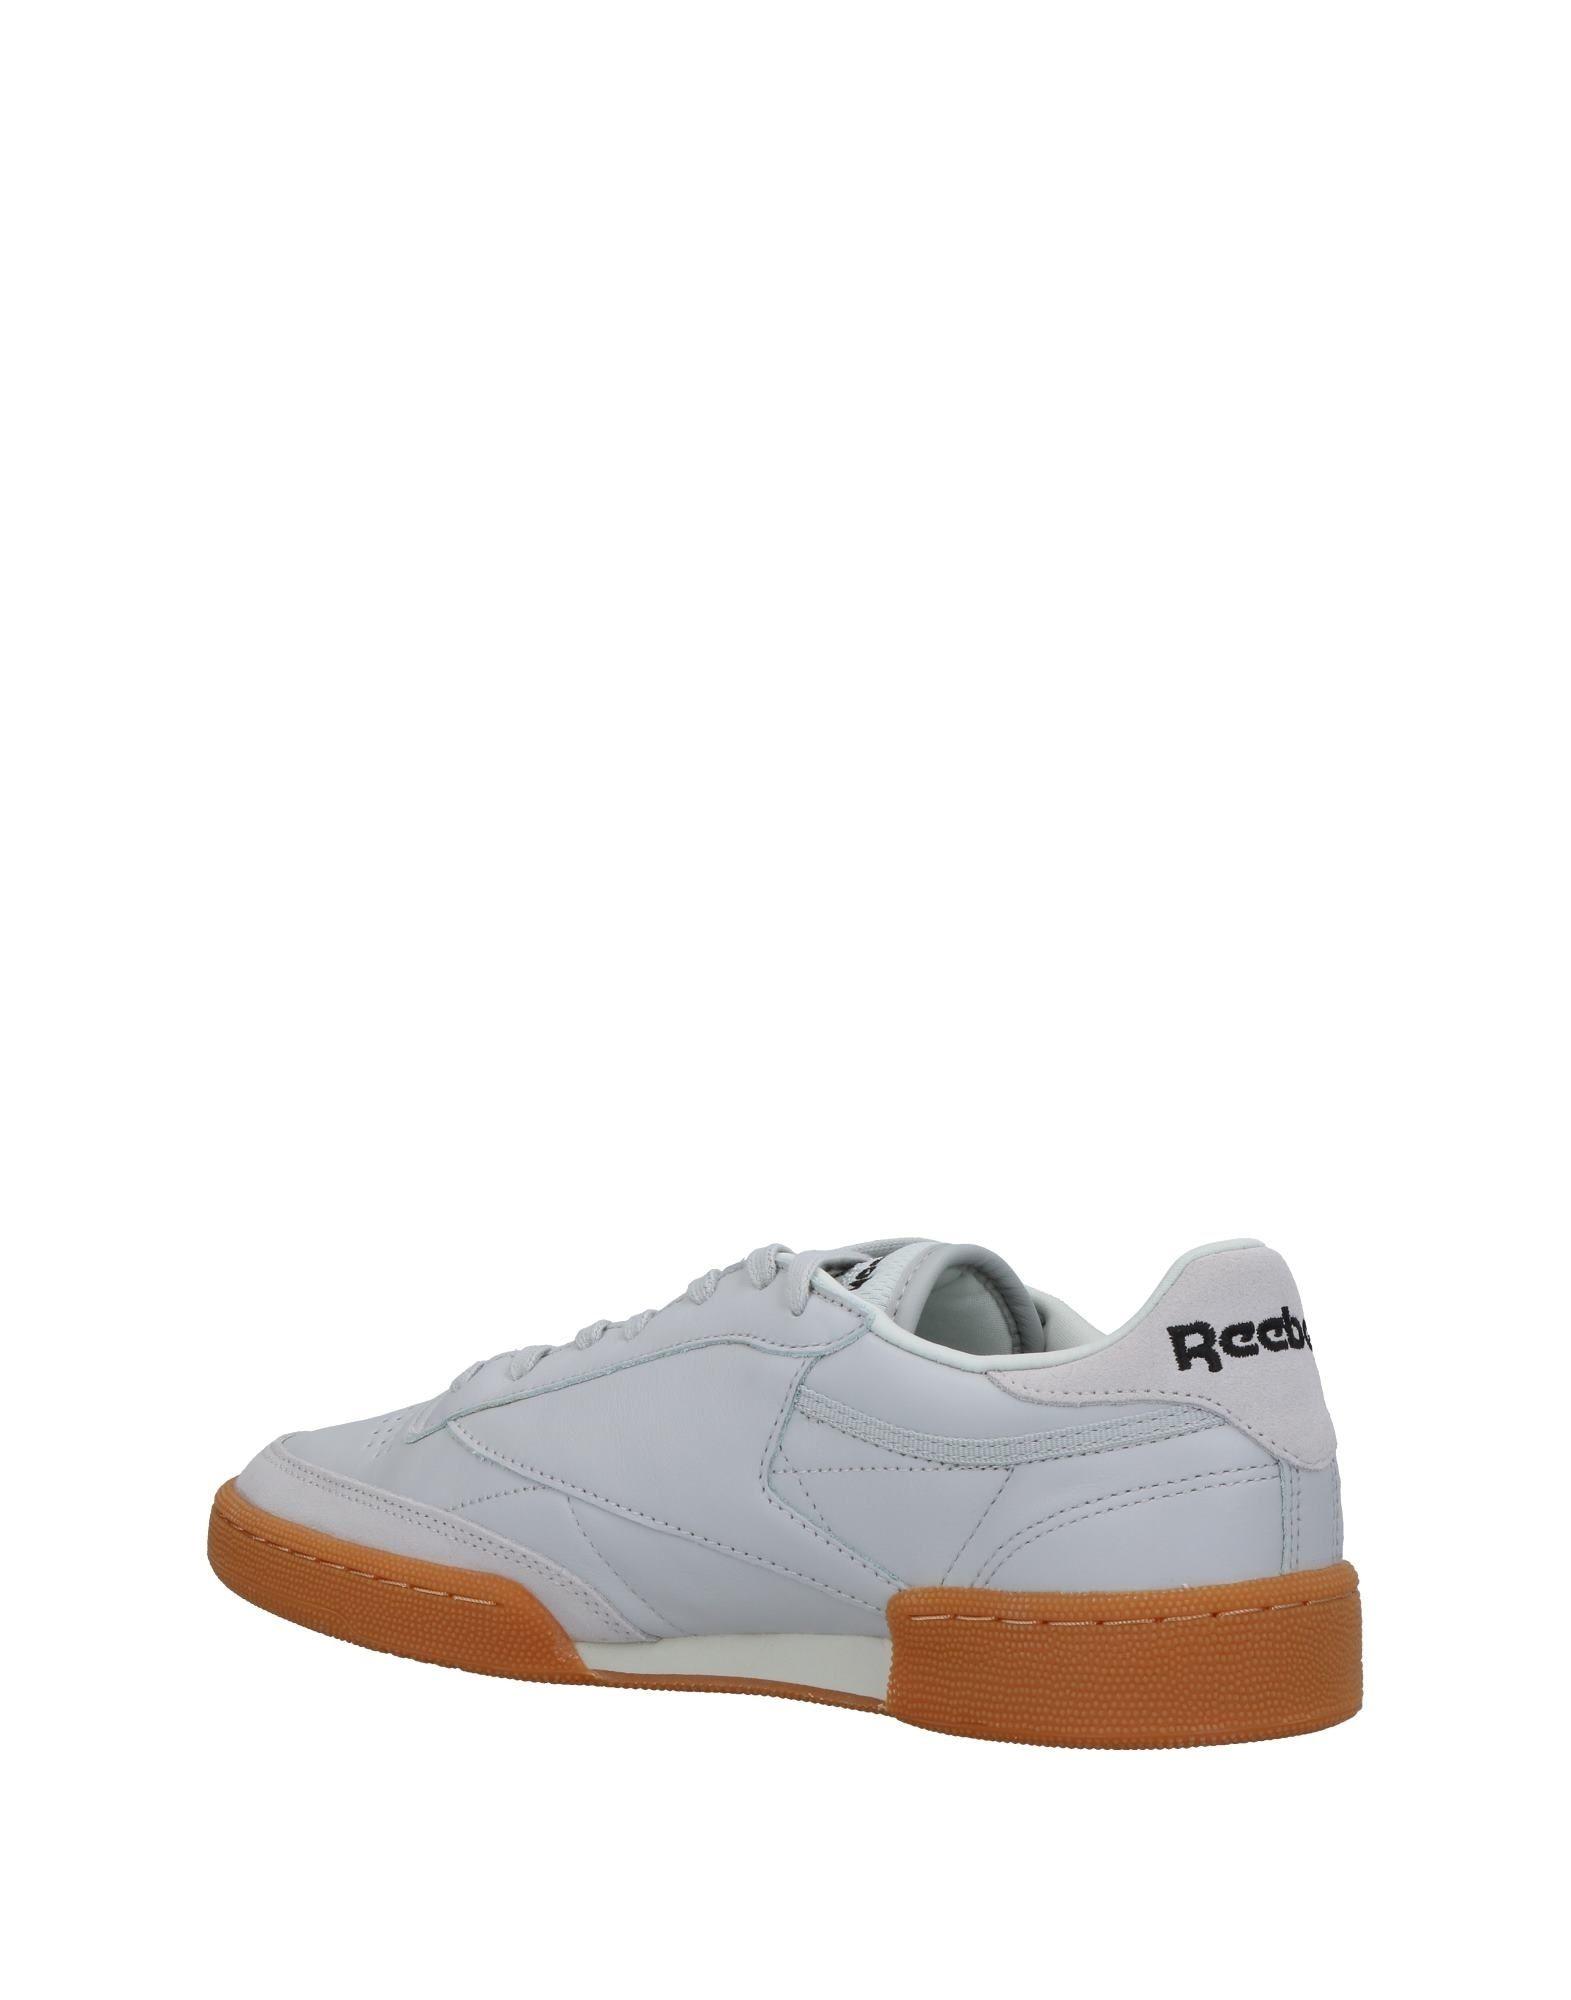 Rabatt echte  Schuhe Reebok Sneakers Herren  echte 11363037JA 941b53